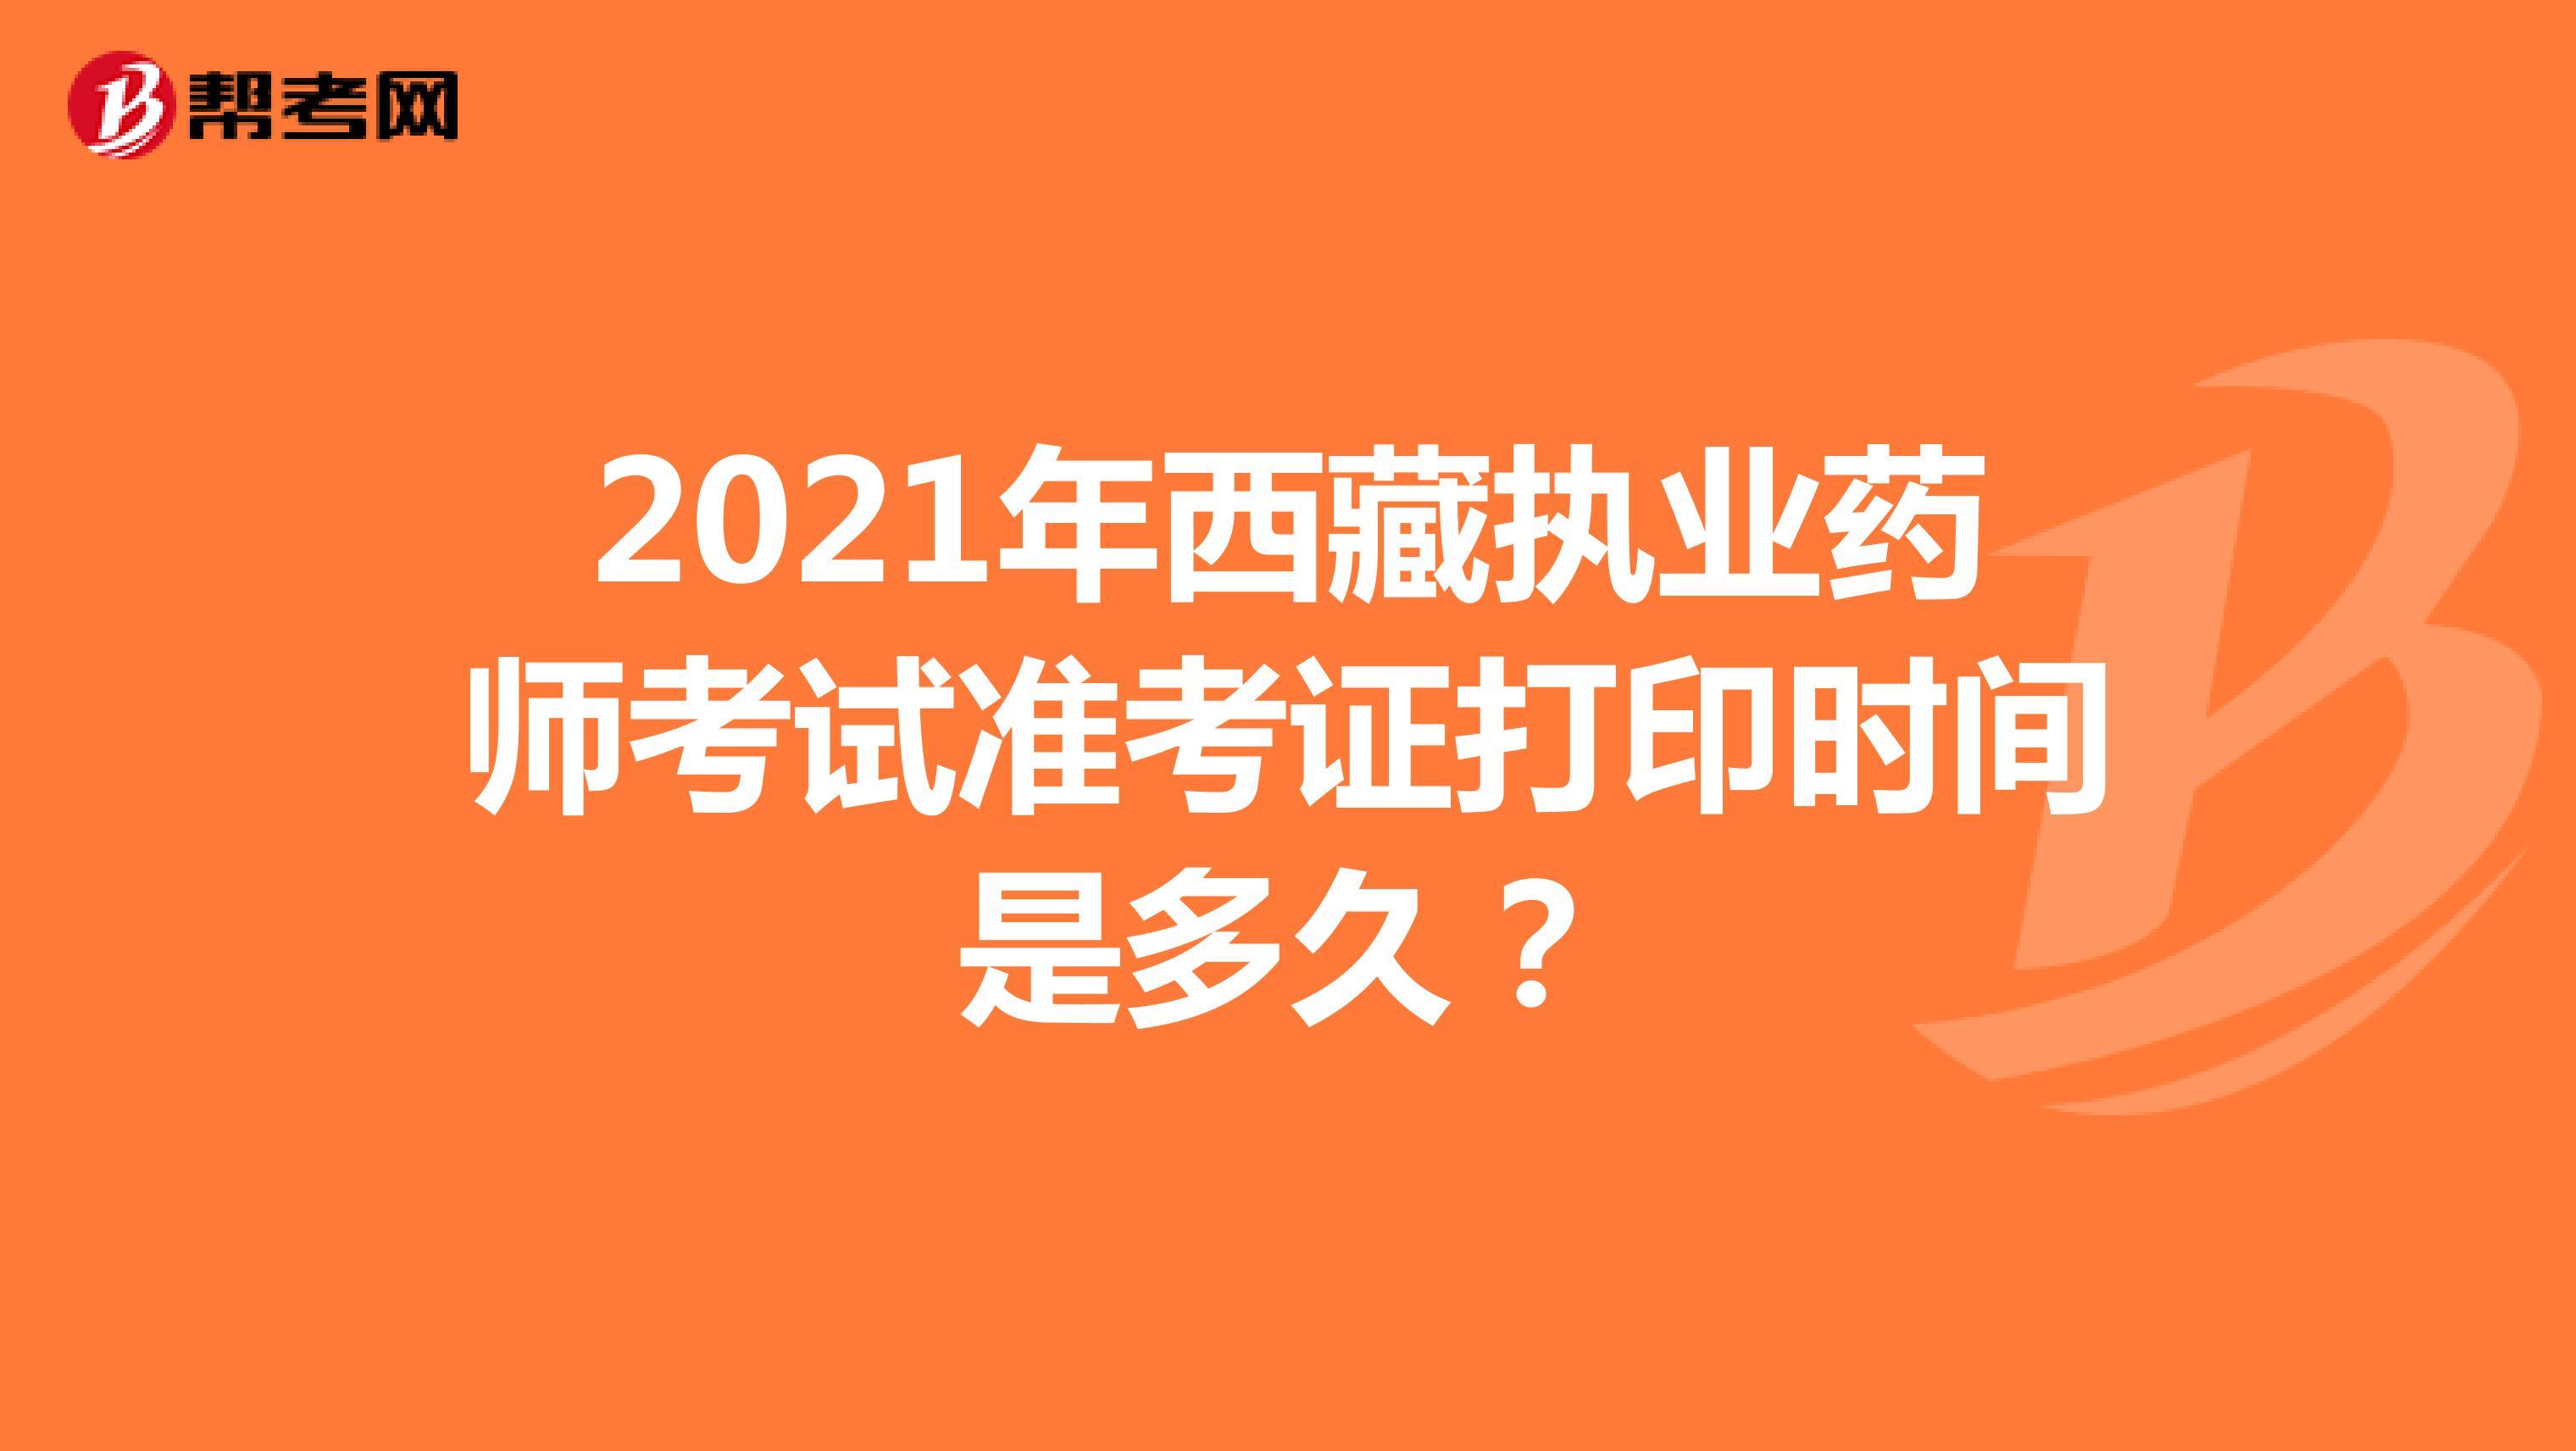 2021年西藏执业药师考试准考证打印时间是多久?